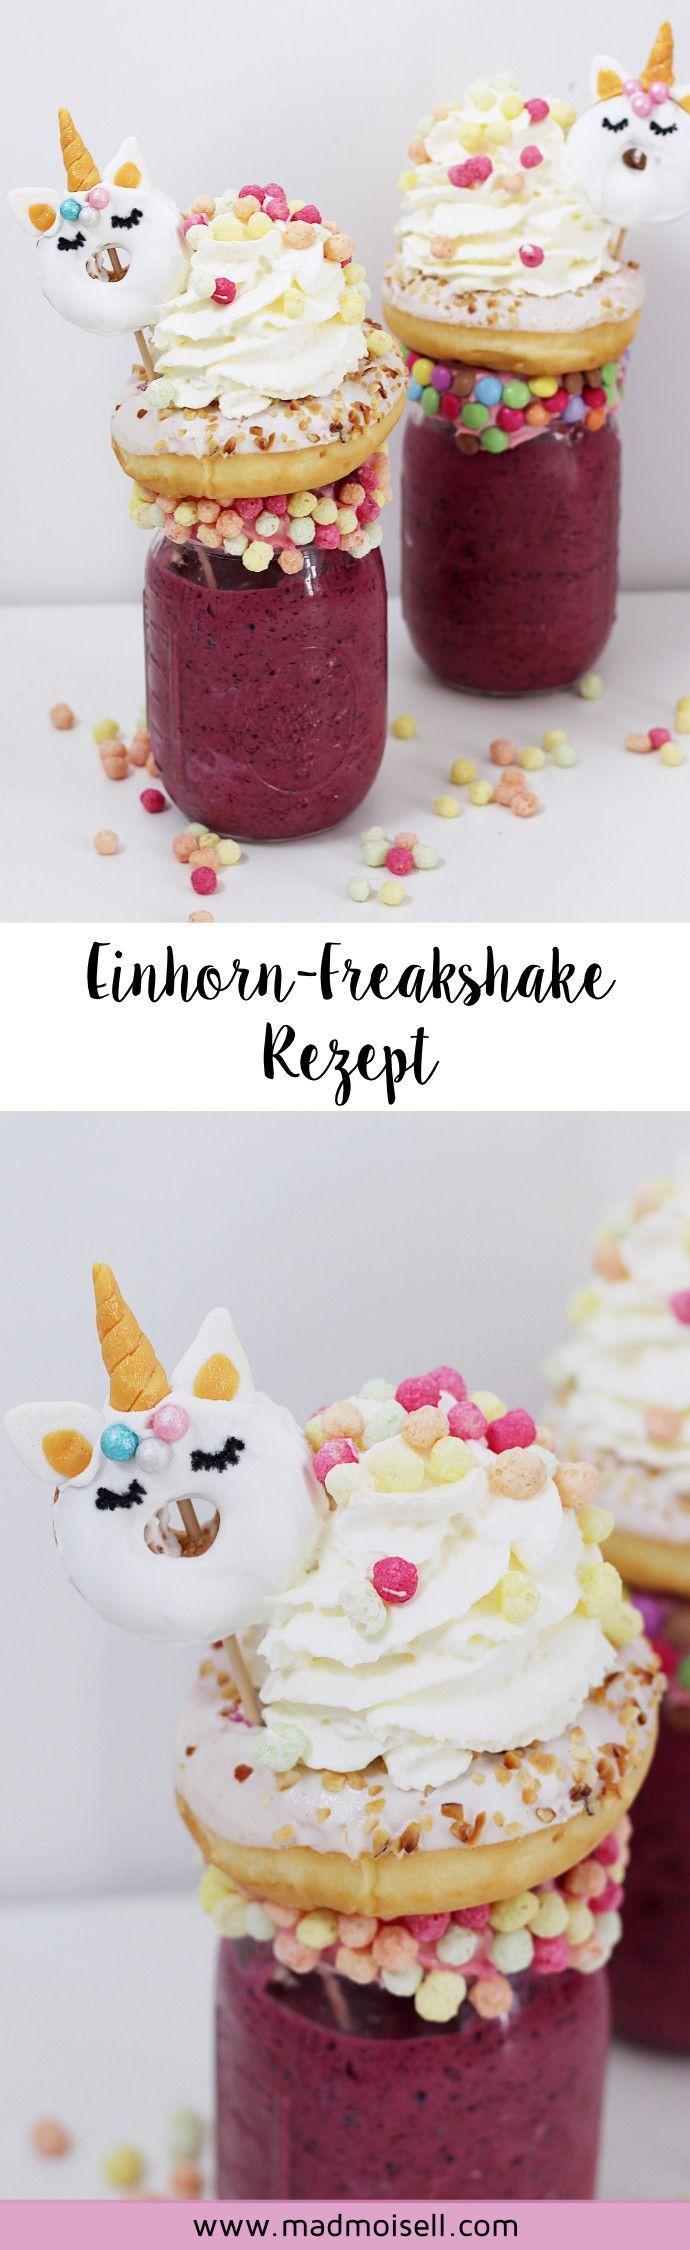 Freakshakes mit Einhorn-Deko selber machen: Einfaches DIY Rezept #diyfoodideas